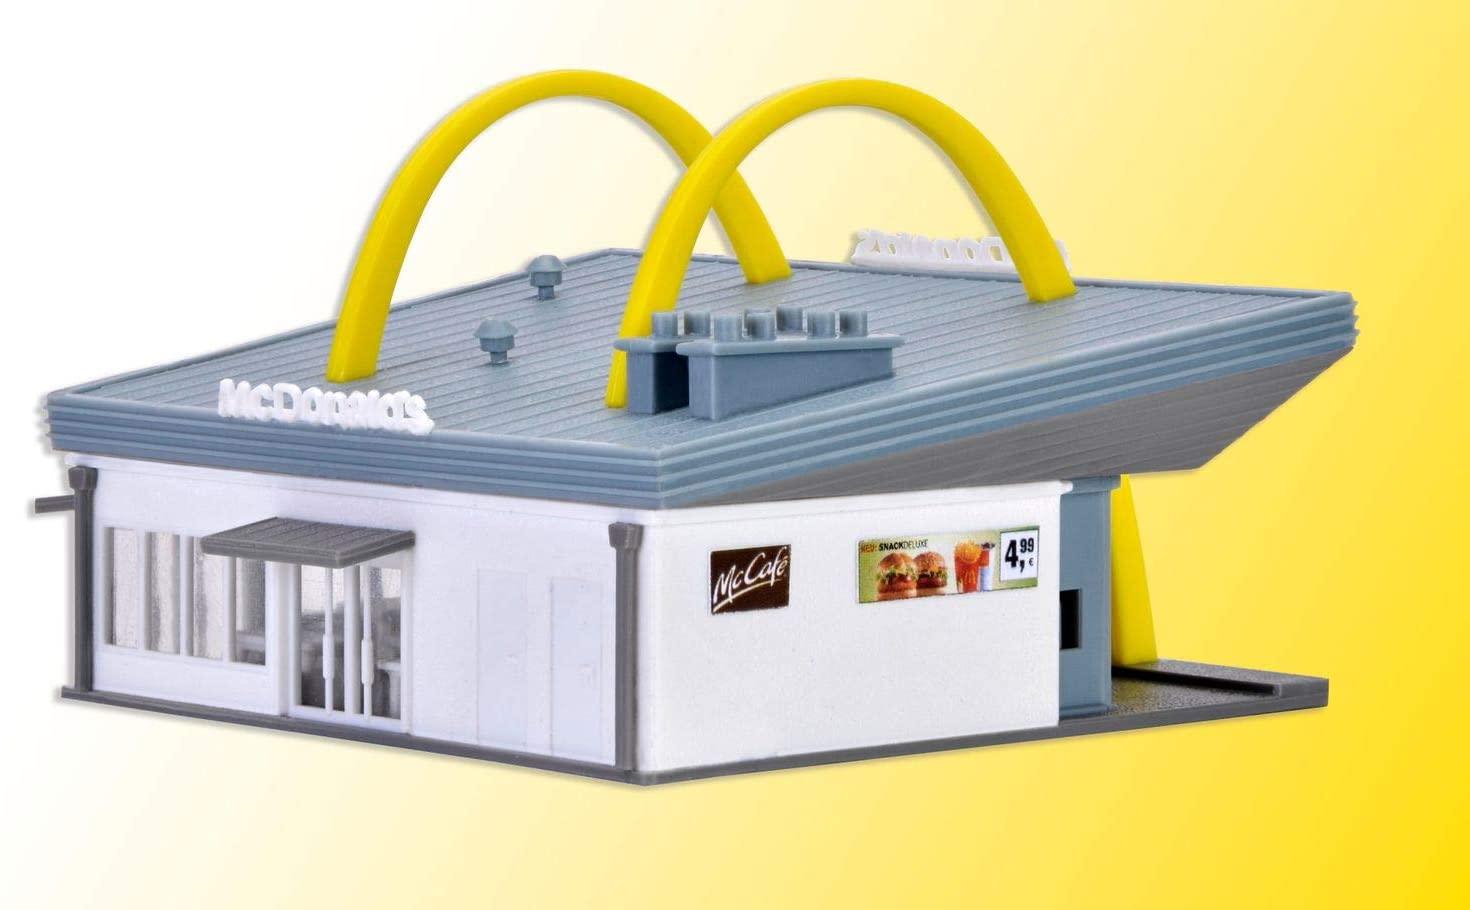 Busch 47765 McDonald's Kit N Scale Model